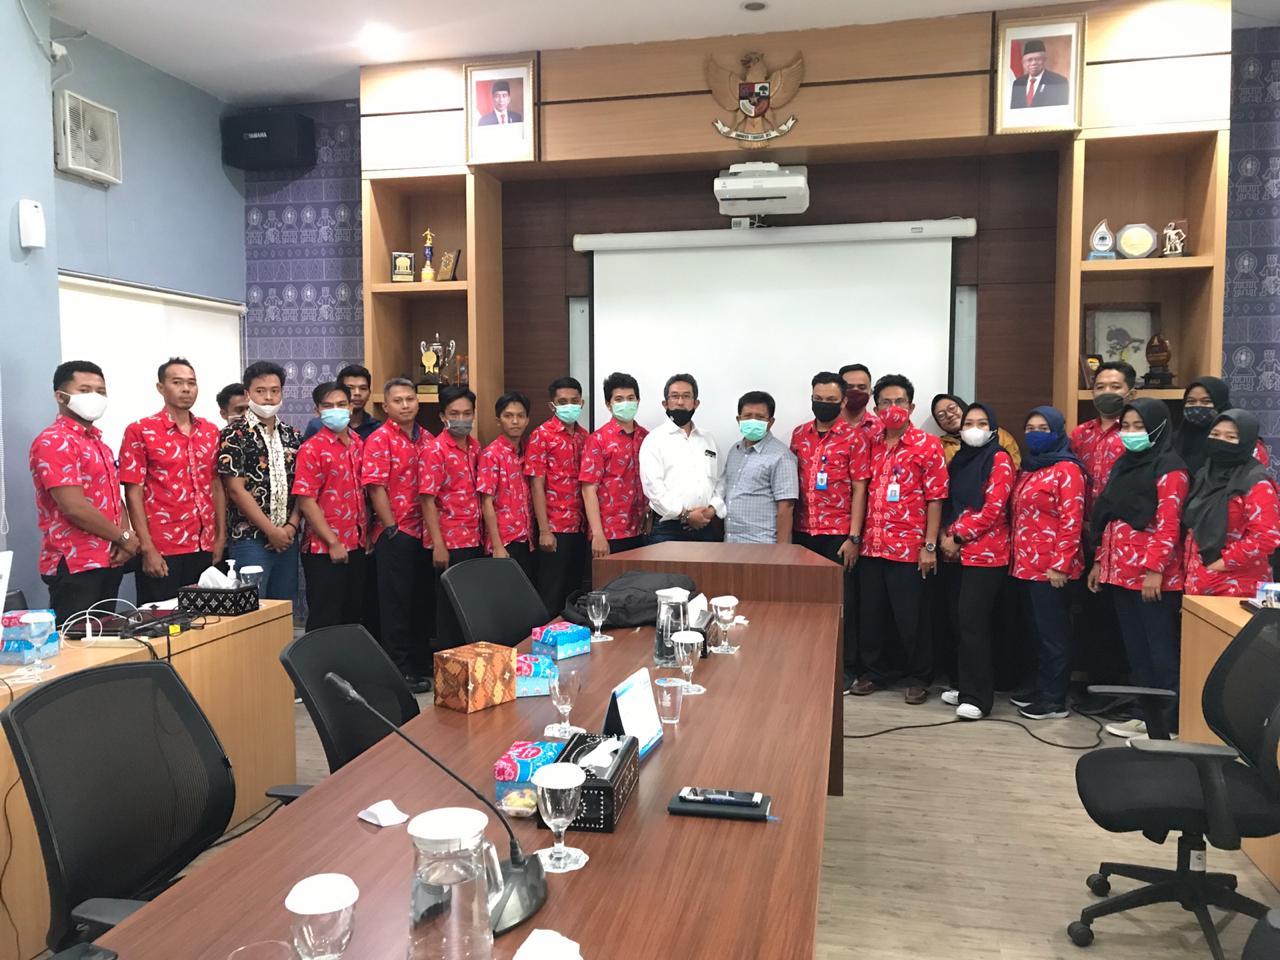 FOTO BERSAMA. Penutupan Pelatihan Pemanfaatan Epanet ditutup dengan foto bersama dengan Direksi, Narasumber dan Peserta Pelatihan.